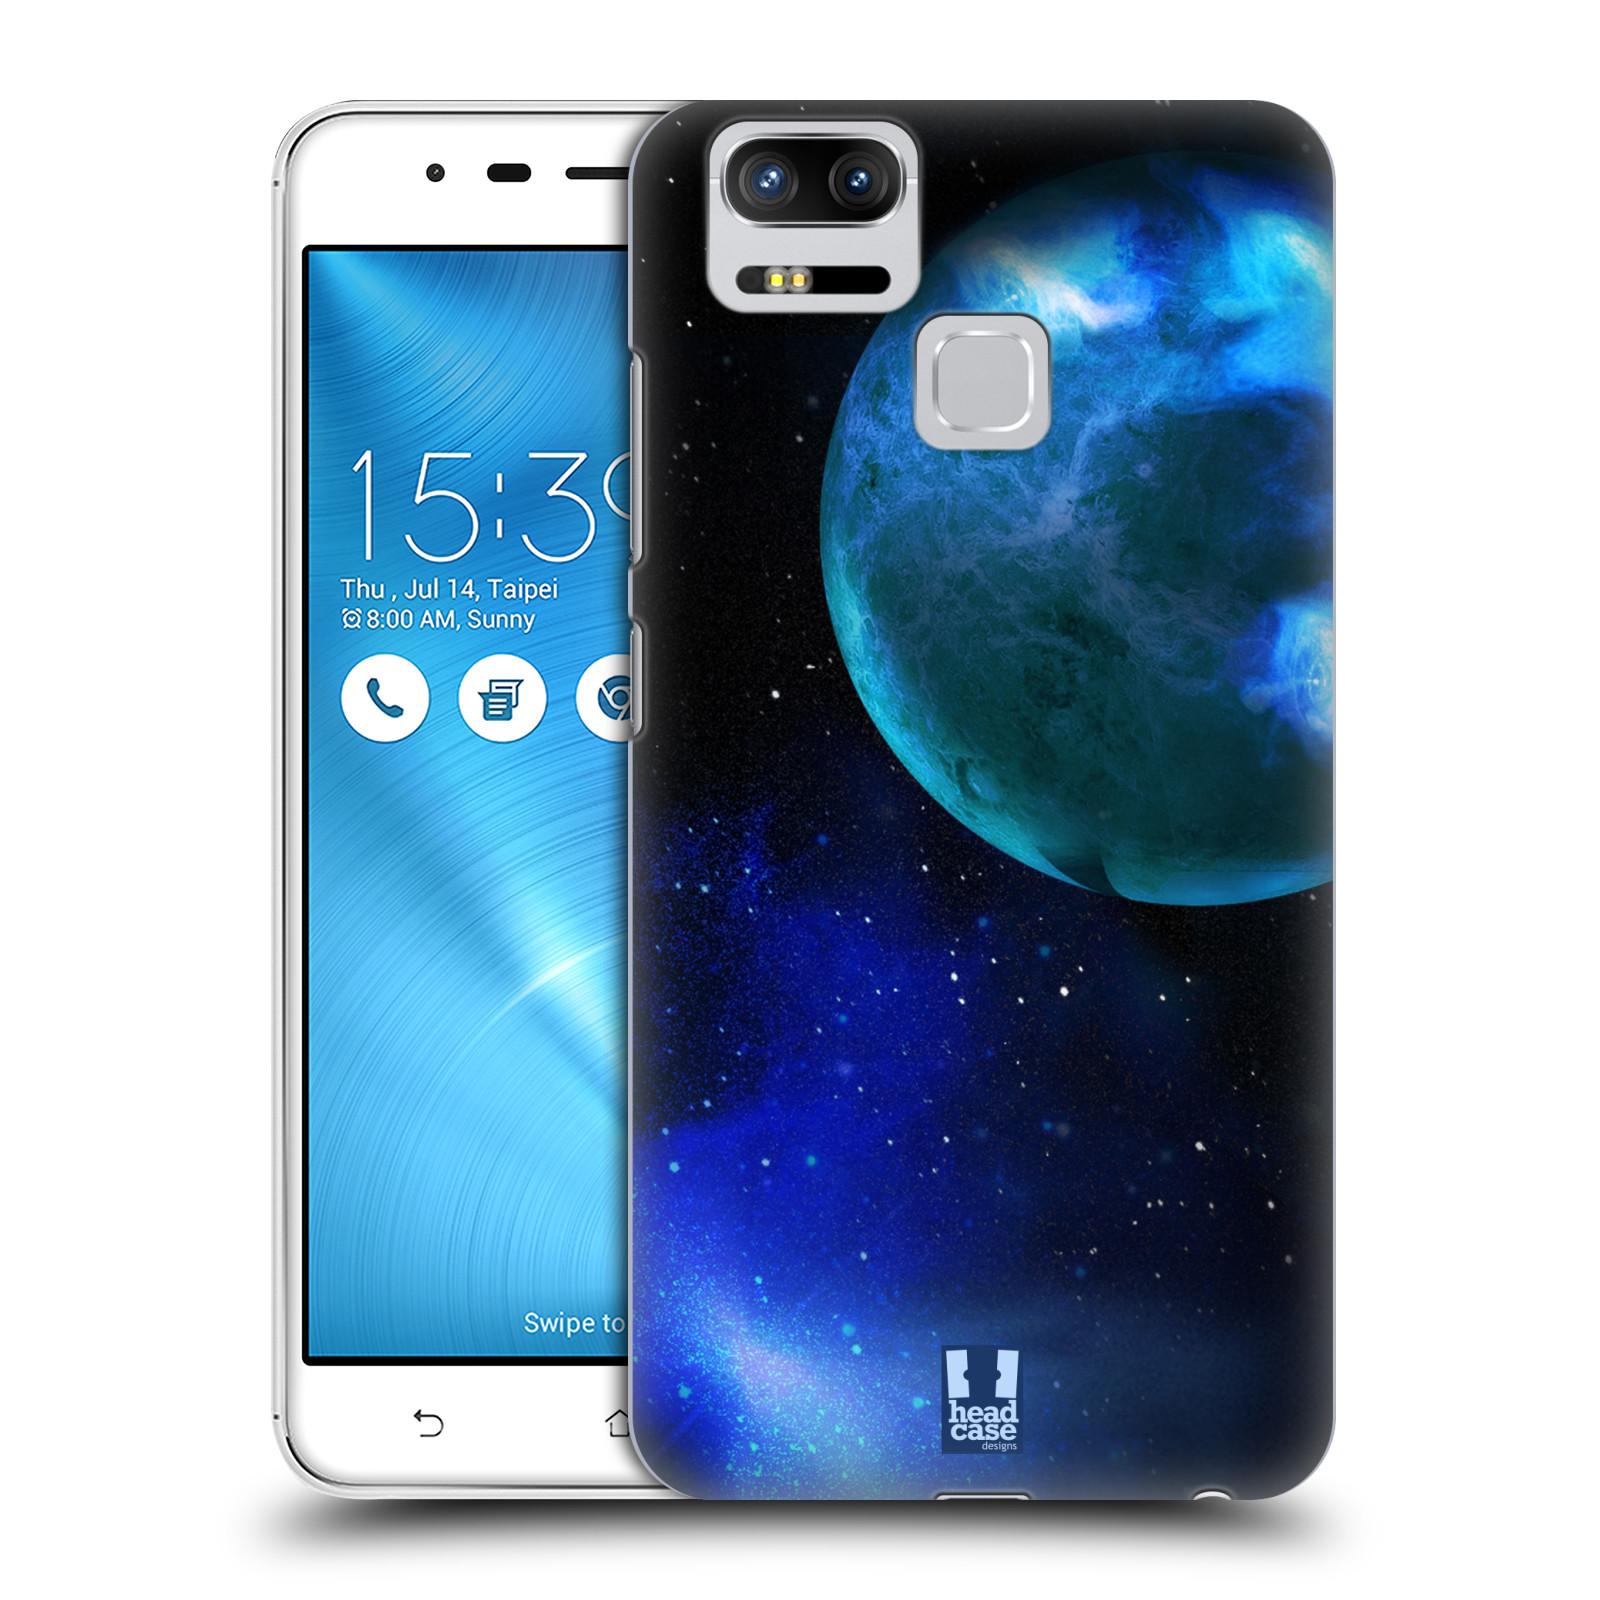 Plastové pouzdro na mobil Asus ZenFone 3 ZOOM ZE553KL - Head Case - VENUŠE (Plastový kryt či obal na mobilní telefon Asus ZenFone 3 ZOOM ZE553KL s motivem VENUŠE)